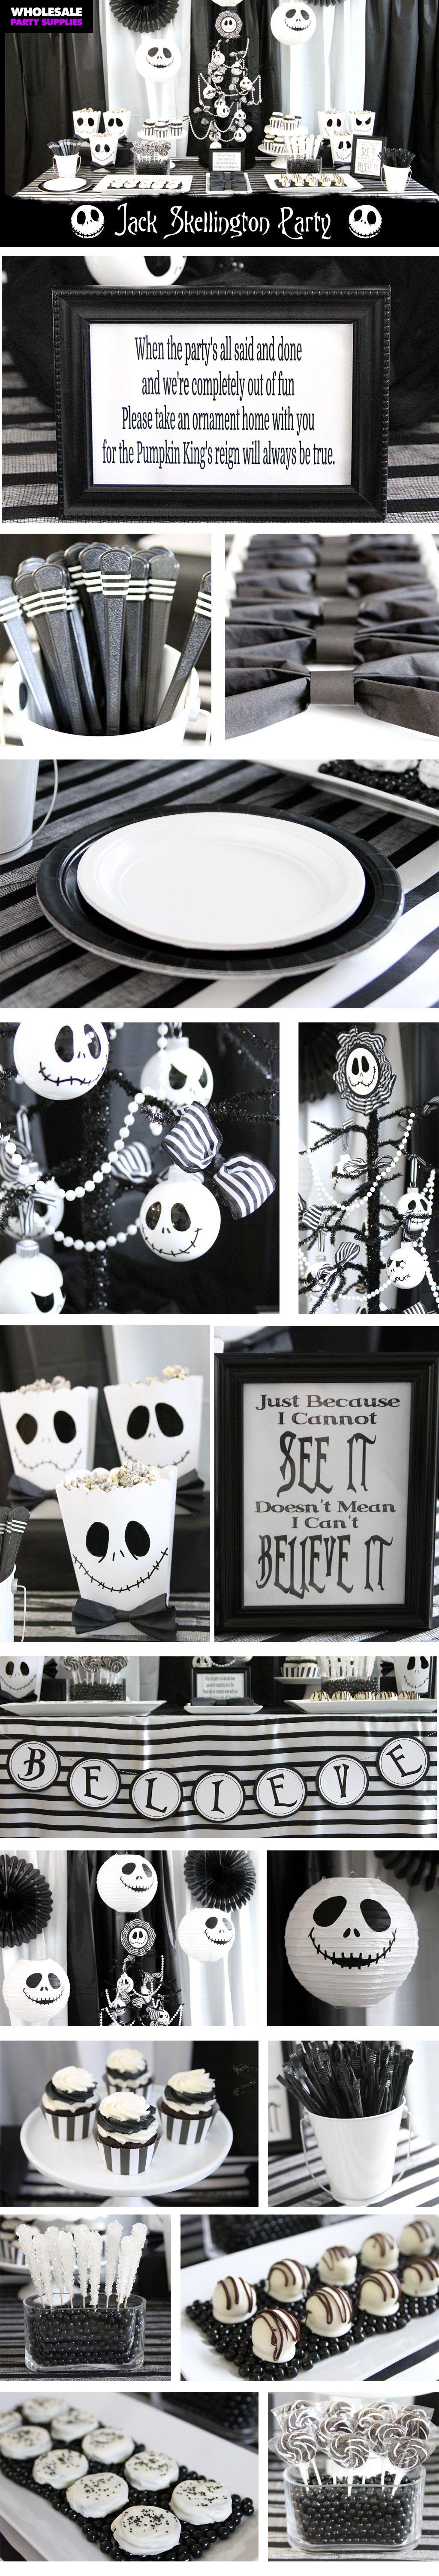 DIY Tim Burton Inspired Halloween Party | Halloween parties